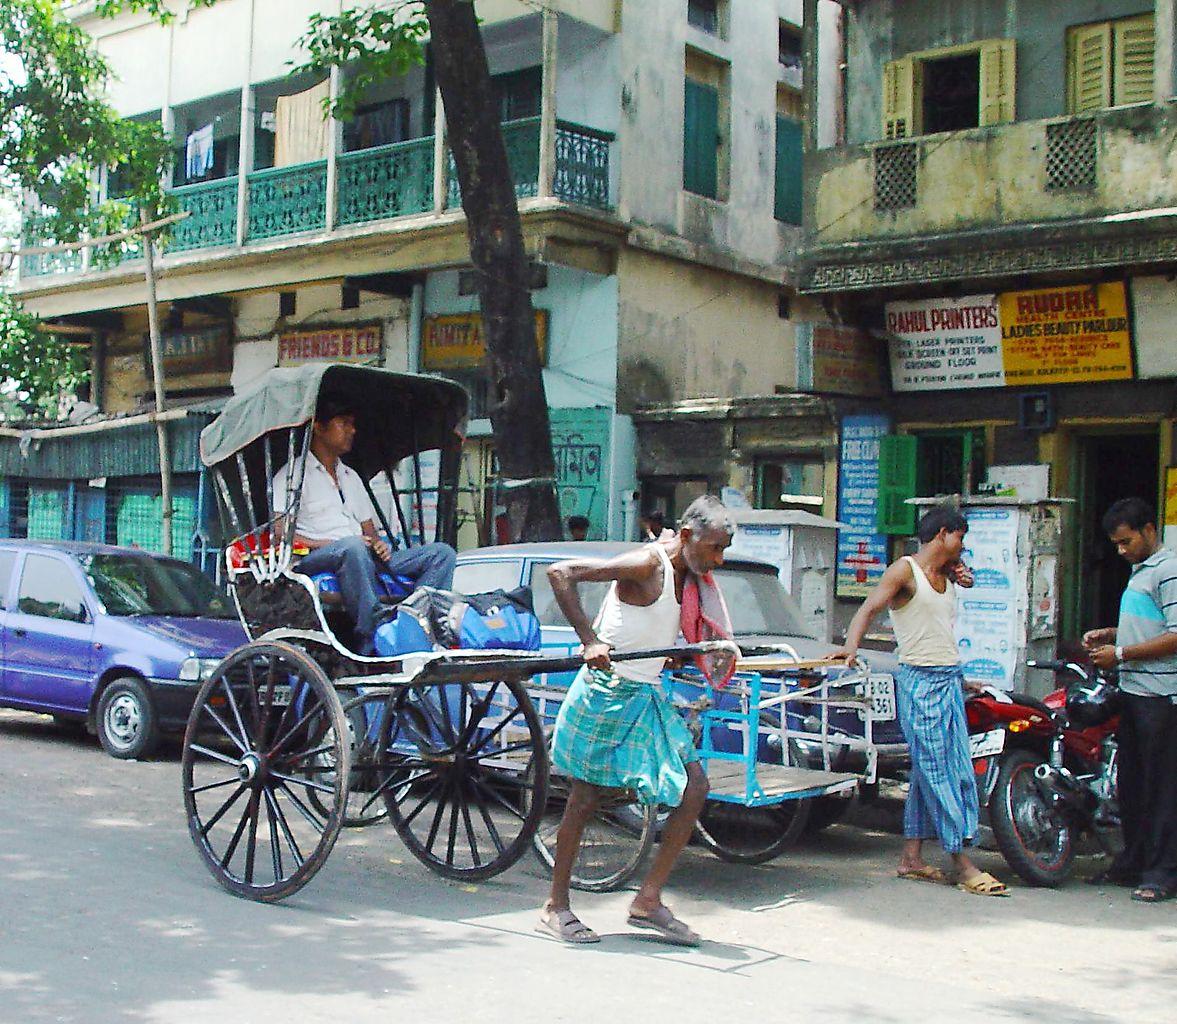 uber ola rickshawalas 2